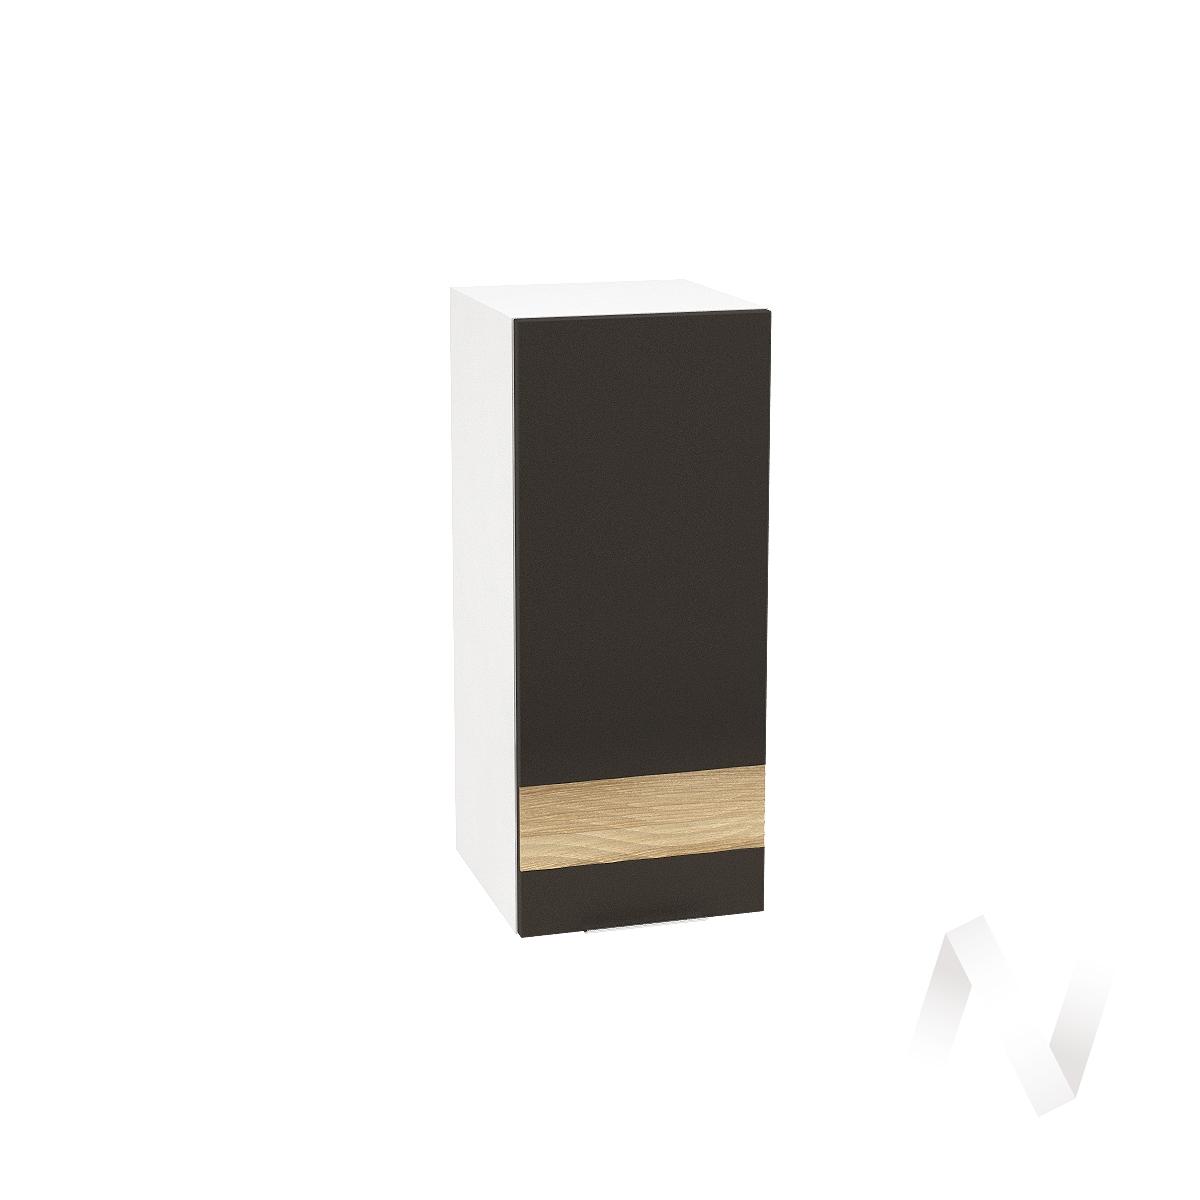 """Кухня """"Терра"""": Шкаф верхний правый 300, ШВ 300 (смоки софт/ель карпатская/корпус белый)"""